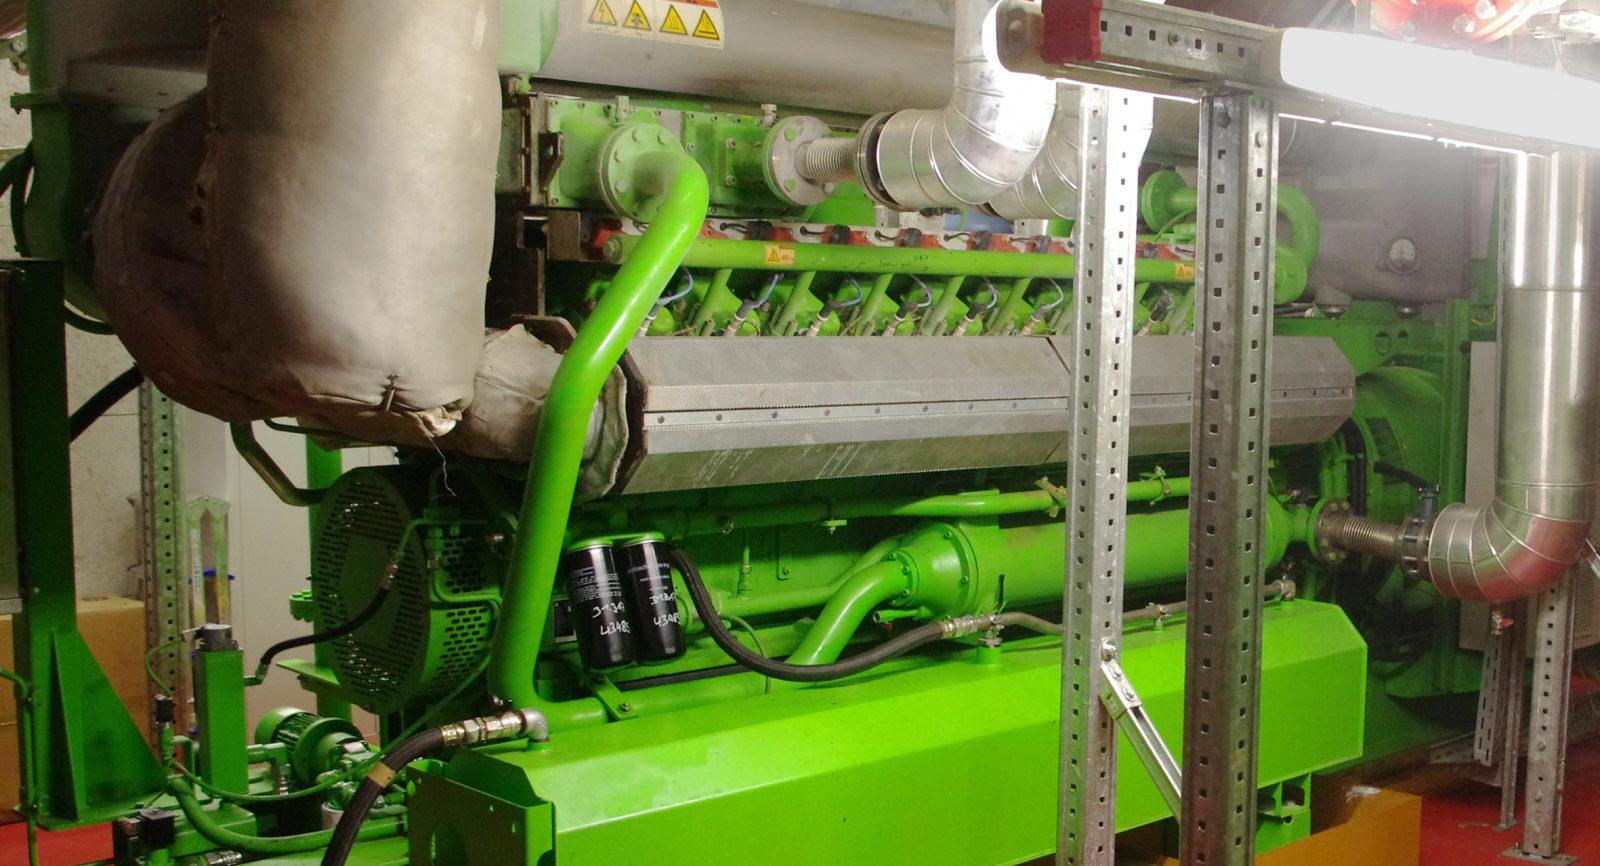 Die in den Gasmotoren erzeugte Wärme wird mit einer Vorlauftemperatur von 90 °C geliefert und sowohl als Fernwärme als auch für die verschiedenen internen Prozesse genutzt.